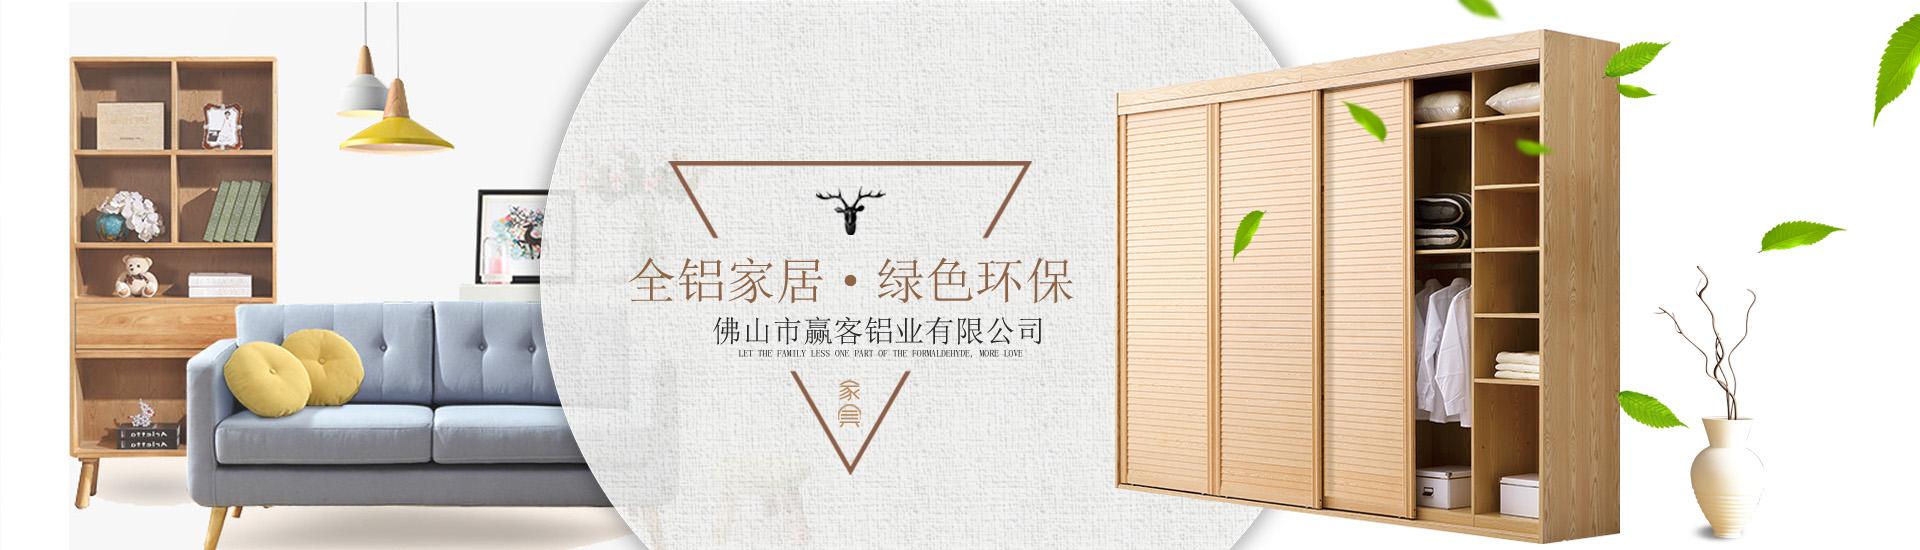 衣柜门铝材定制